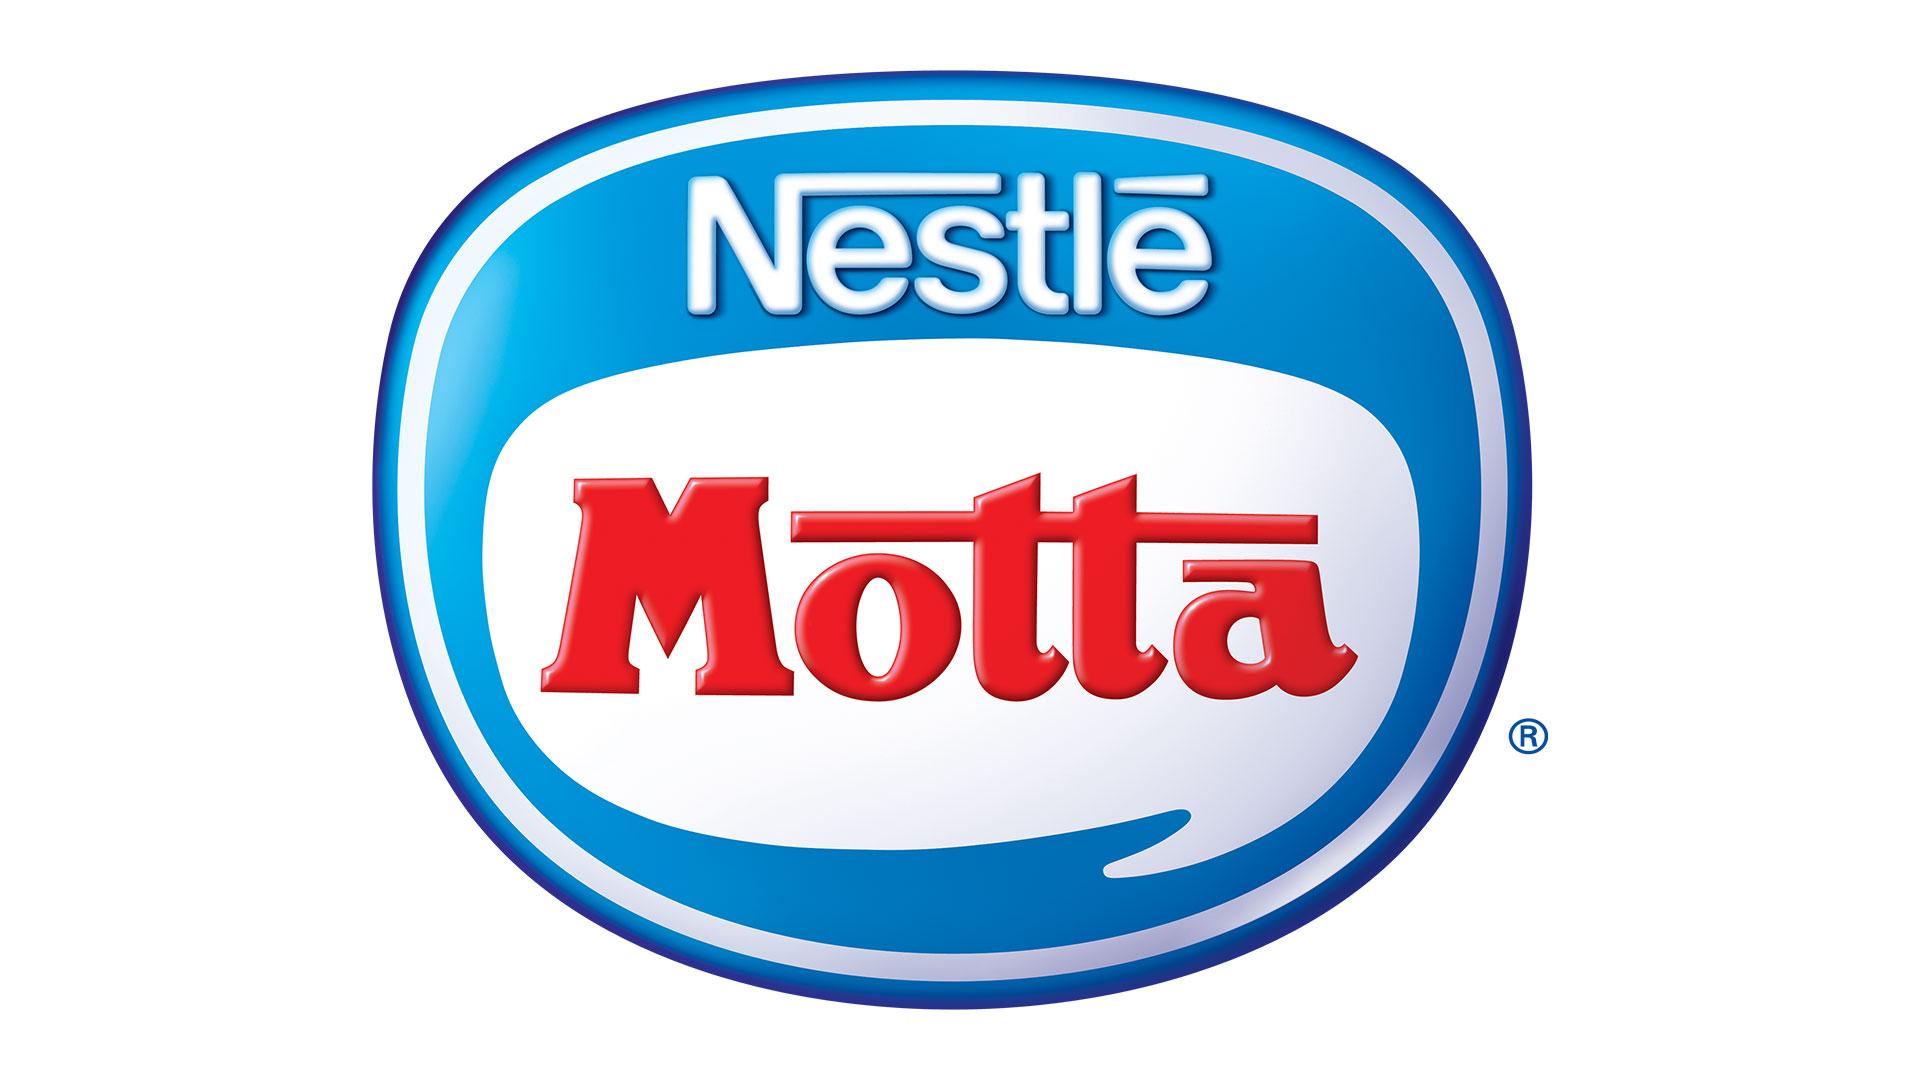 Nestle-Motta